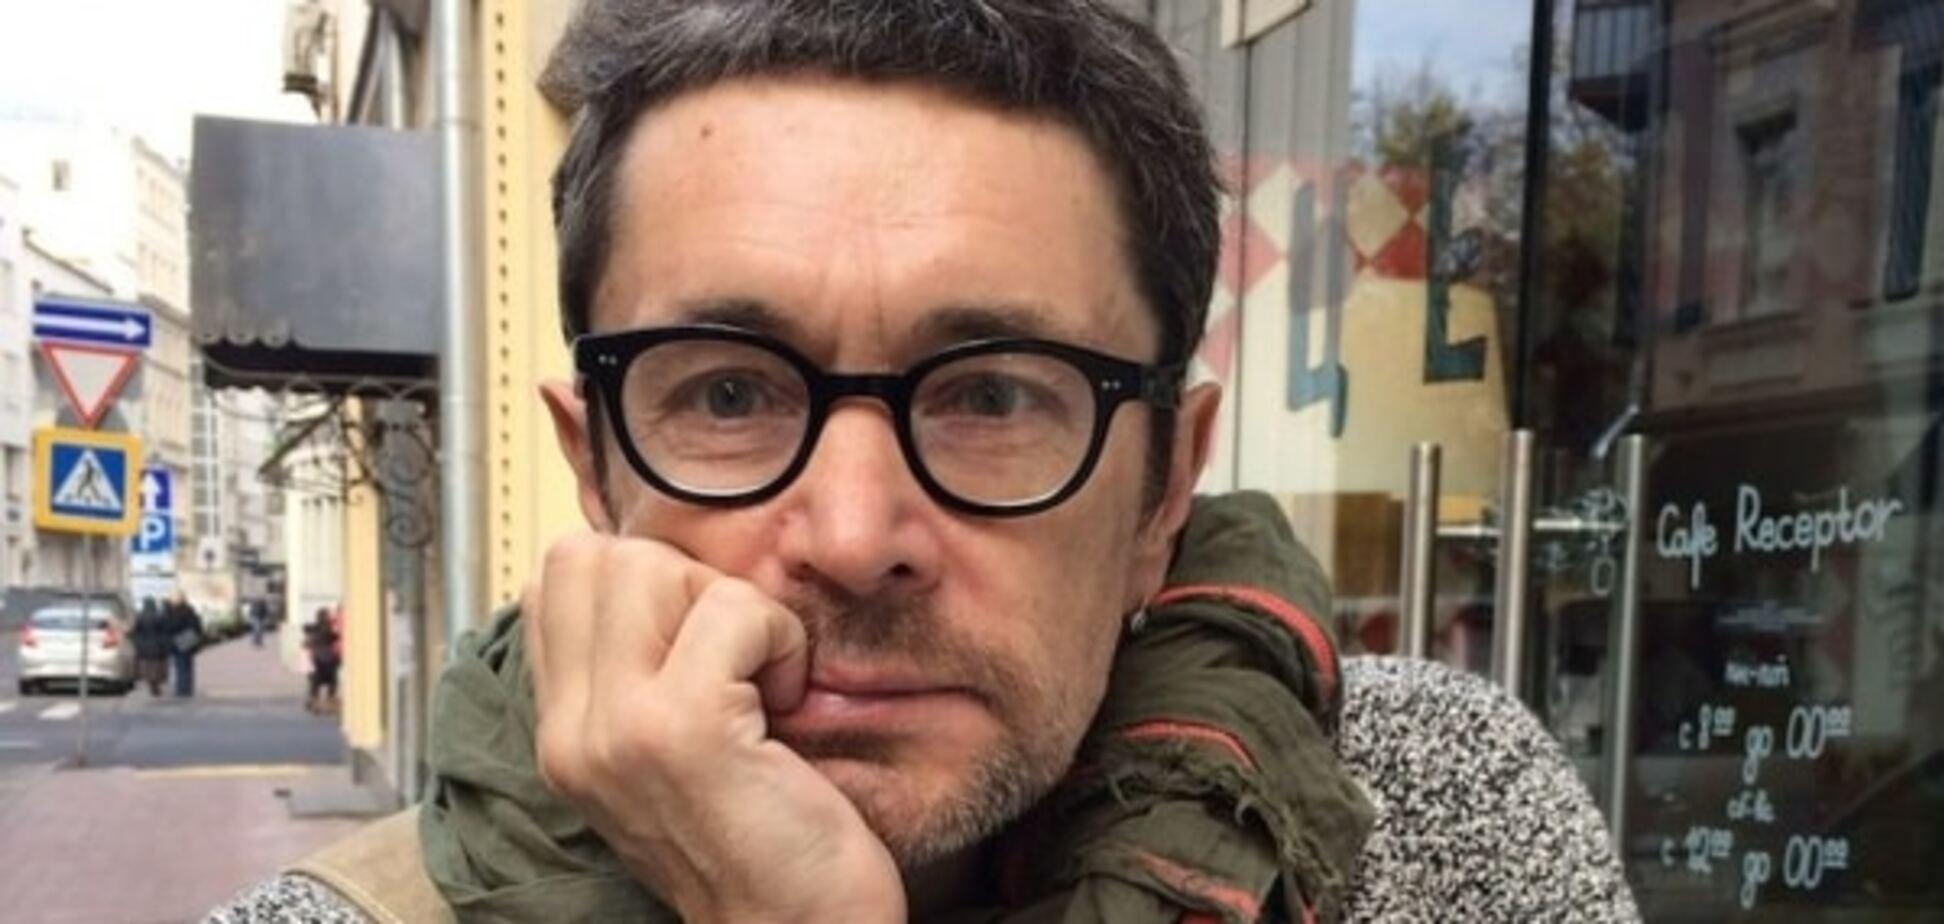 Усі ознаки співпадають: журналіст поставив діагноз російському суспільству